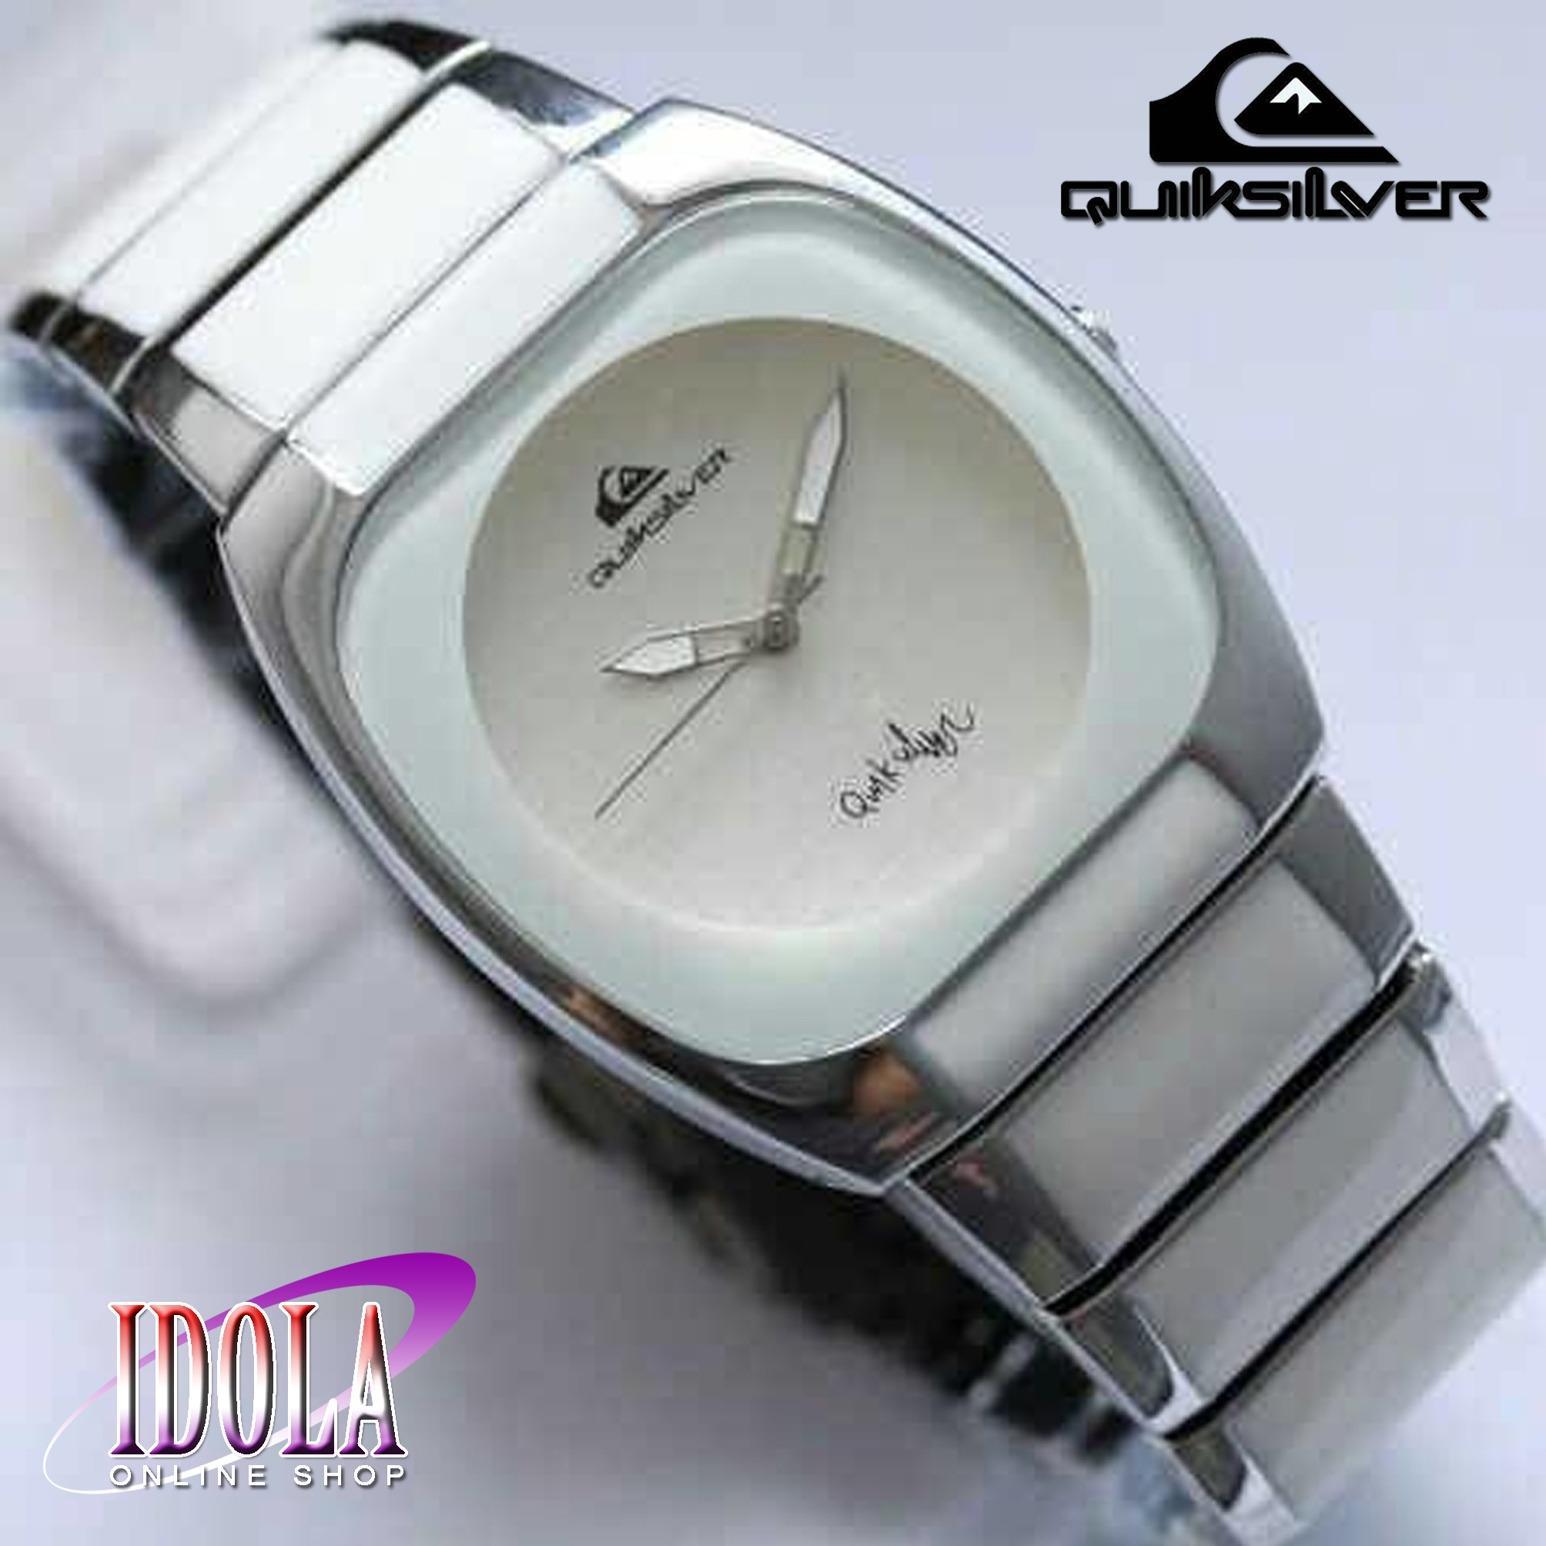 Quik_Silver Keramik - Jam Tangan Fashion Cewe/Wanita - Kombinasi Keramik Dan Stainless Steel